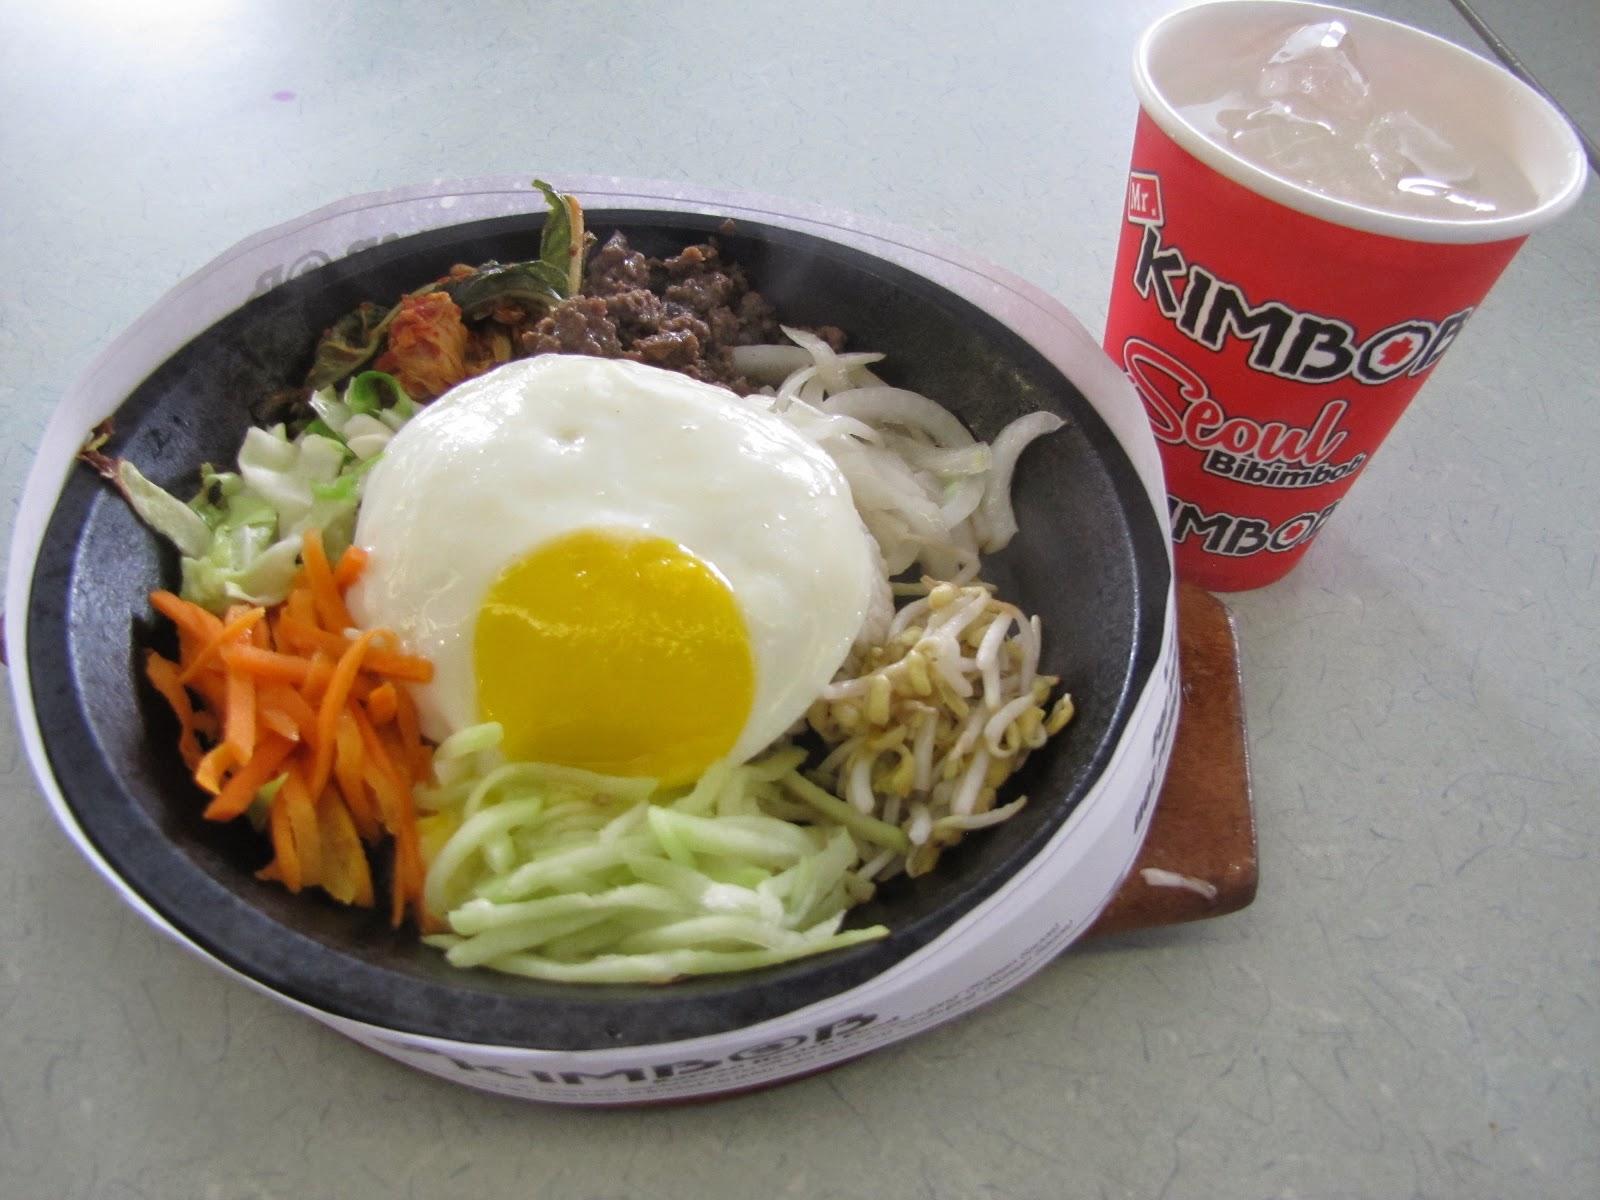 FTW! Blog, Seoul Bibimbob, bibimbap, korean cuisine, #FTWmallrat #FTWEats #FTWblog